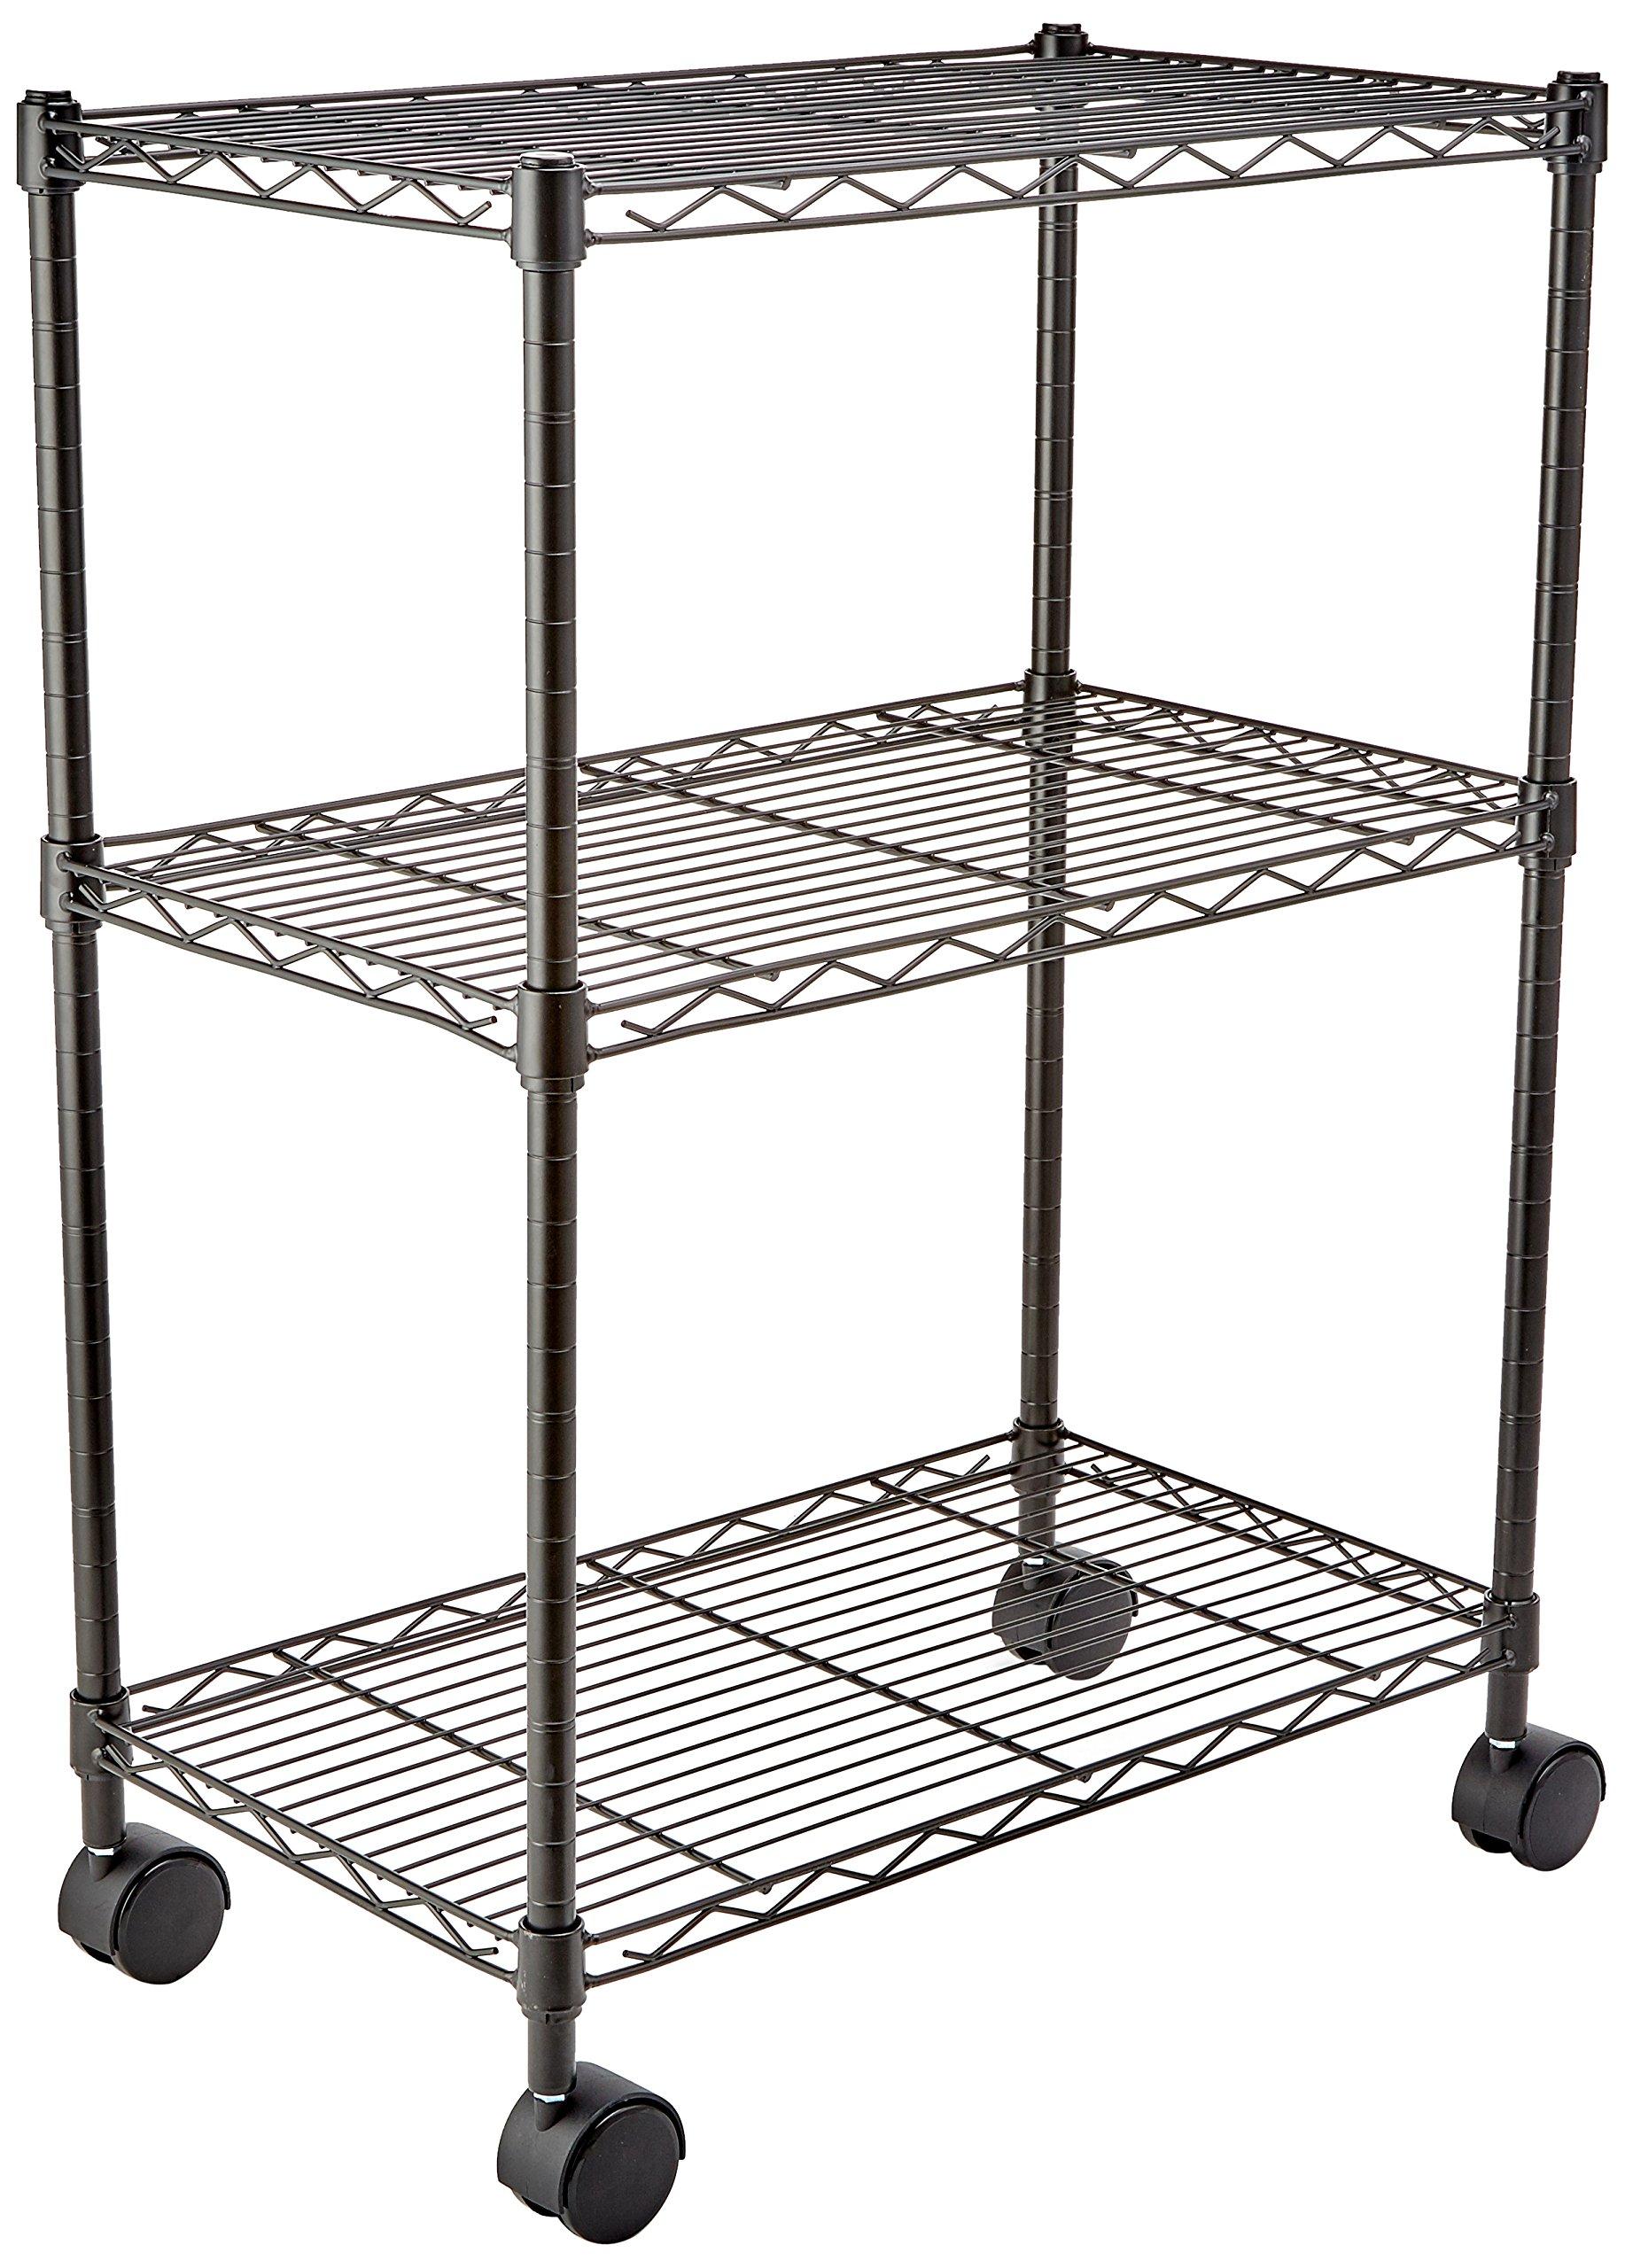 AmazonBasics 3-Shelf Shelving Unit on Wheels - Black by AmazonBasics